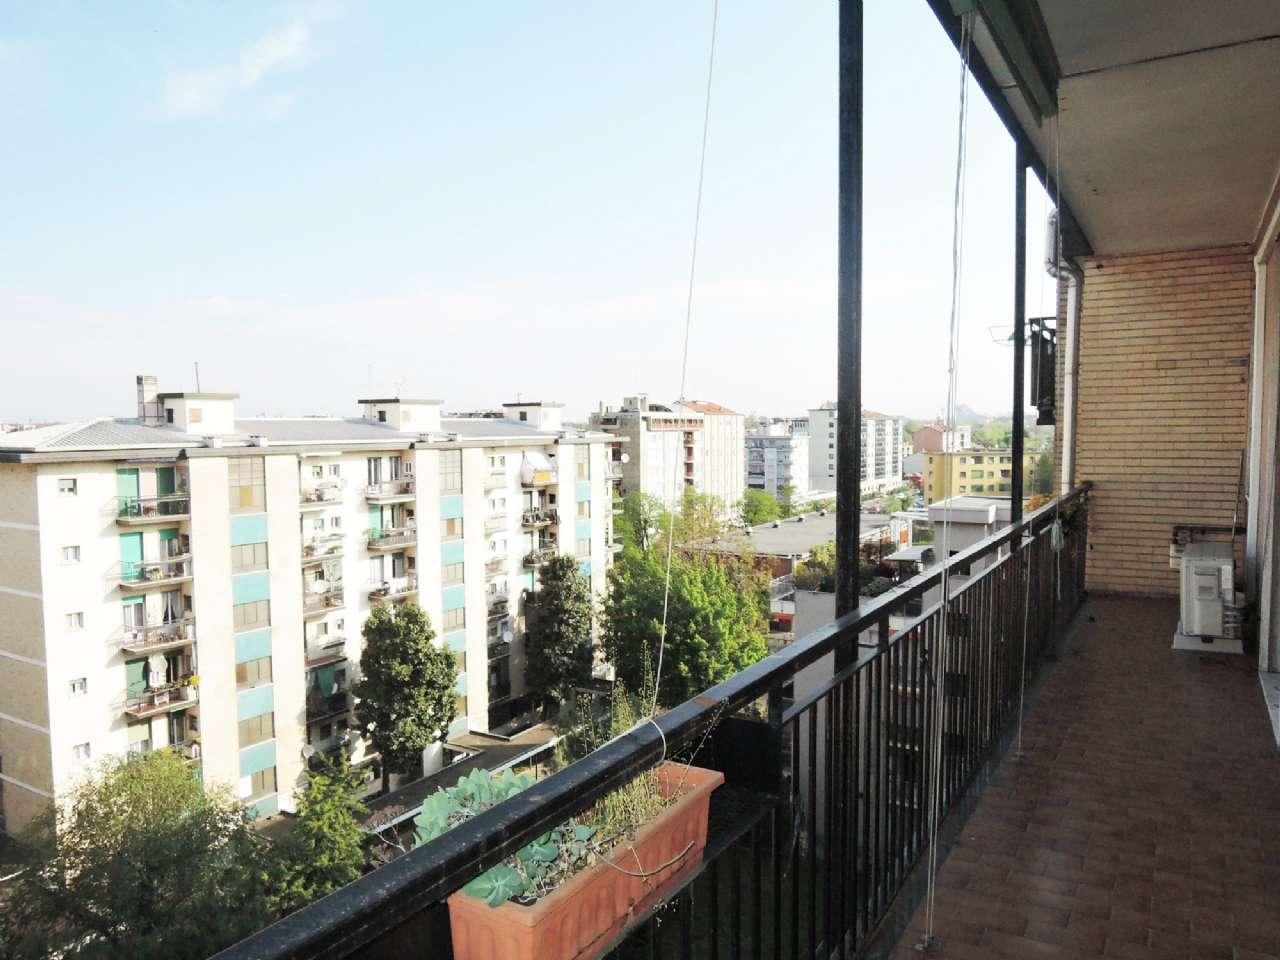 Appartamento in vendita a Milano, 3 locali, zona Zona: 14 . Lotto, Novara, San Siro, QT8 , Montestella, Rembrandt, prezzo € 205.000 | Cambio Casa.it